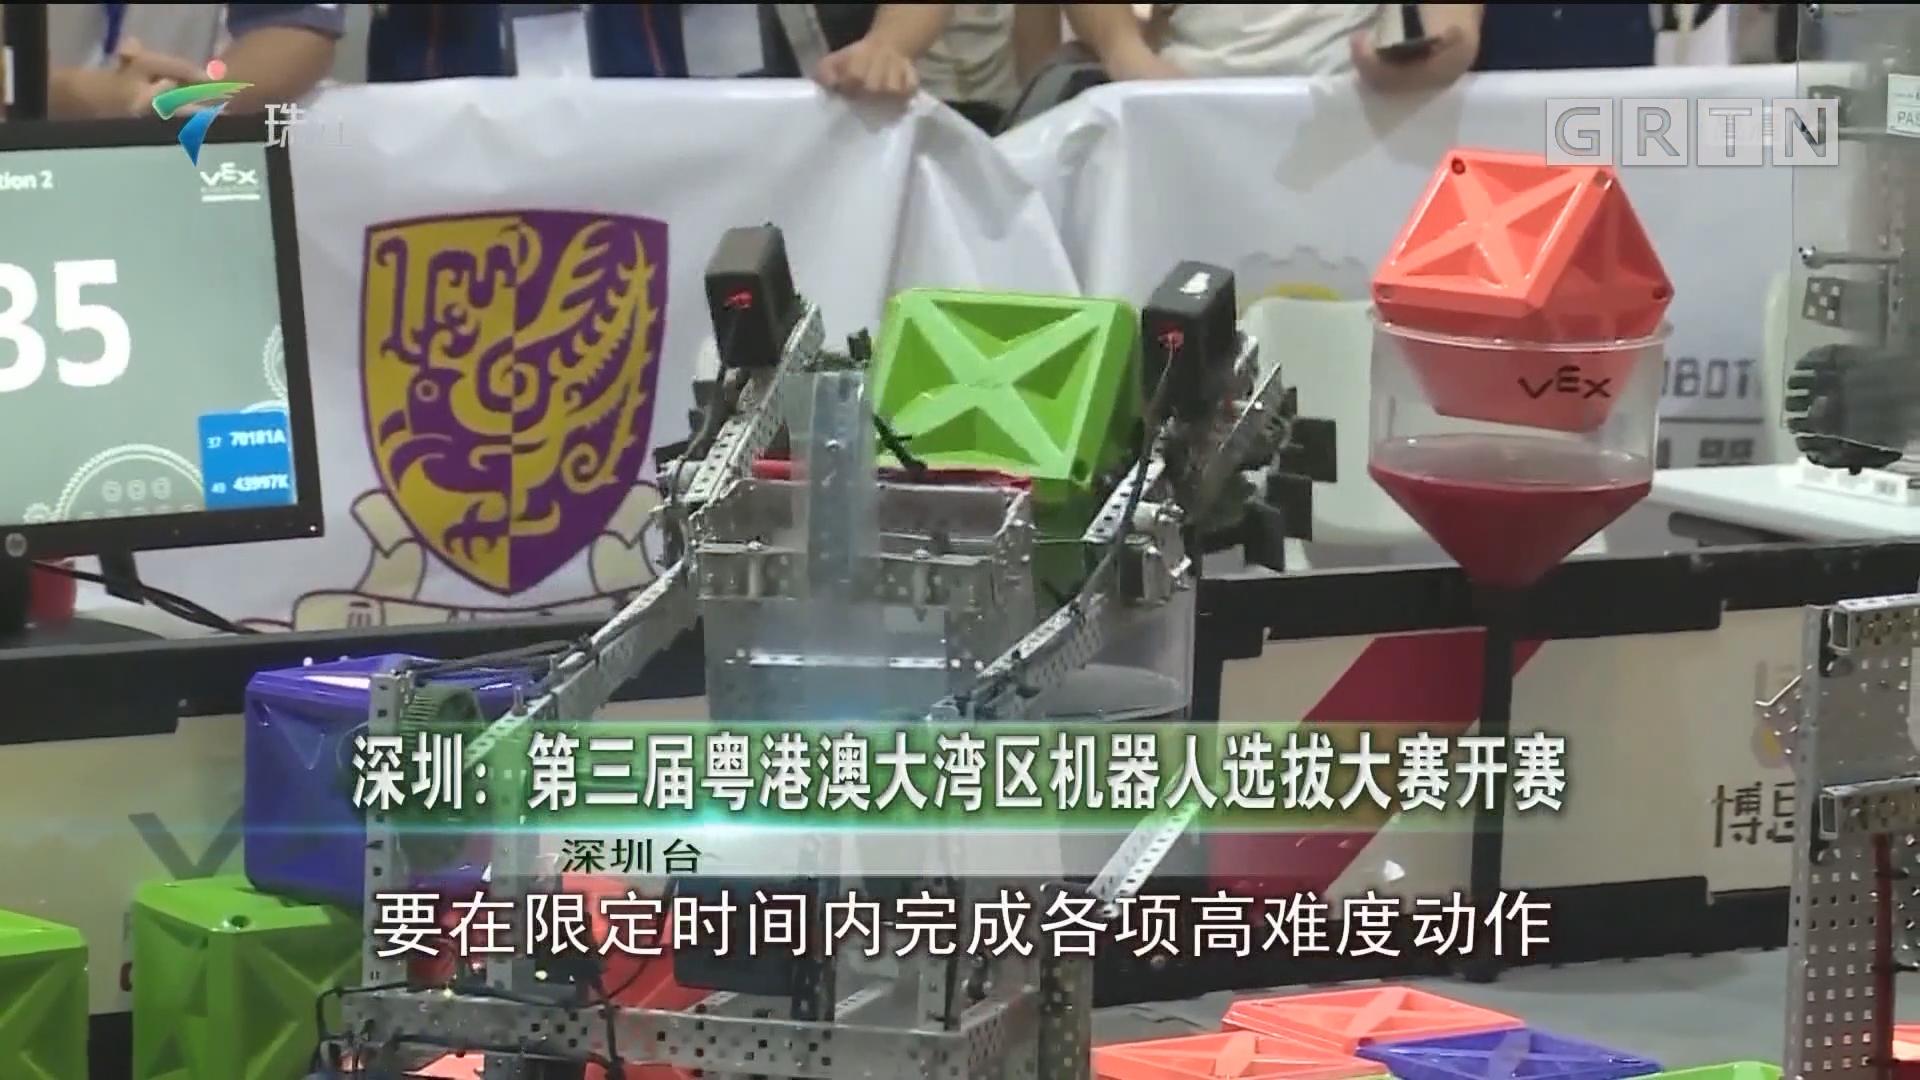 深圳:第三届粤港澳大湾区机器人选拔大赛开赛